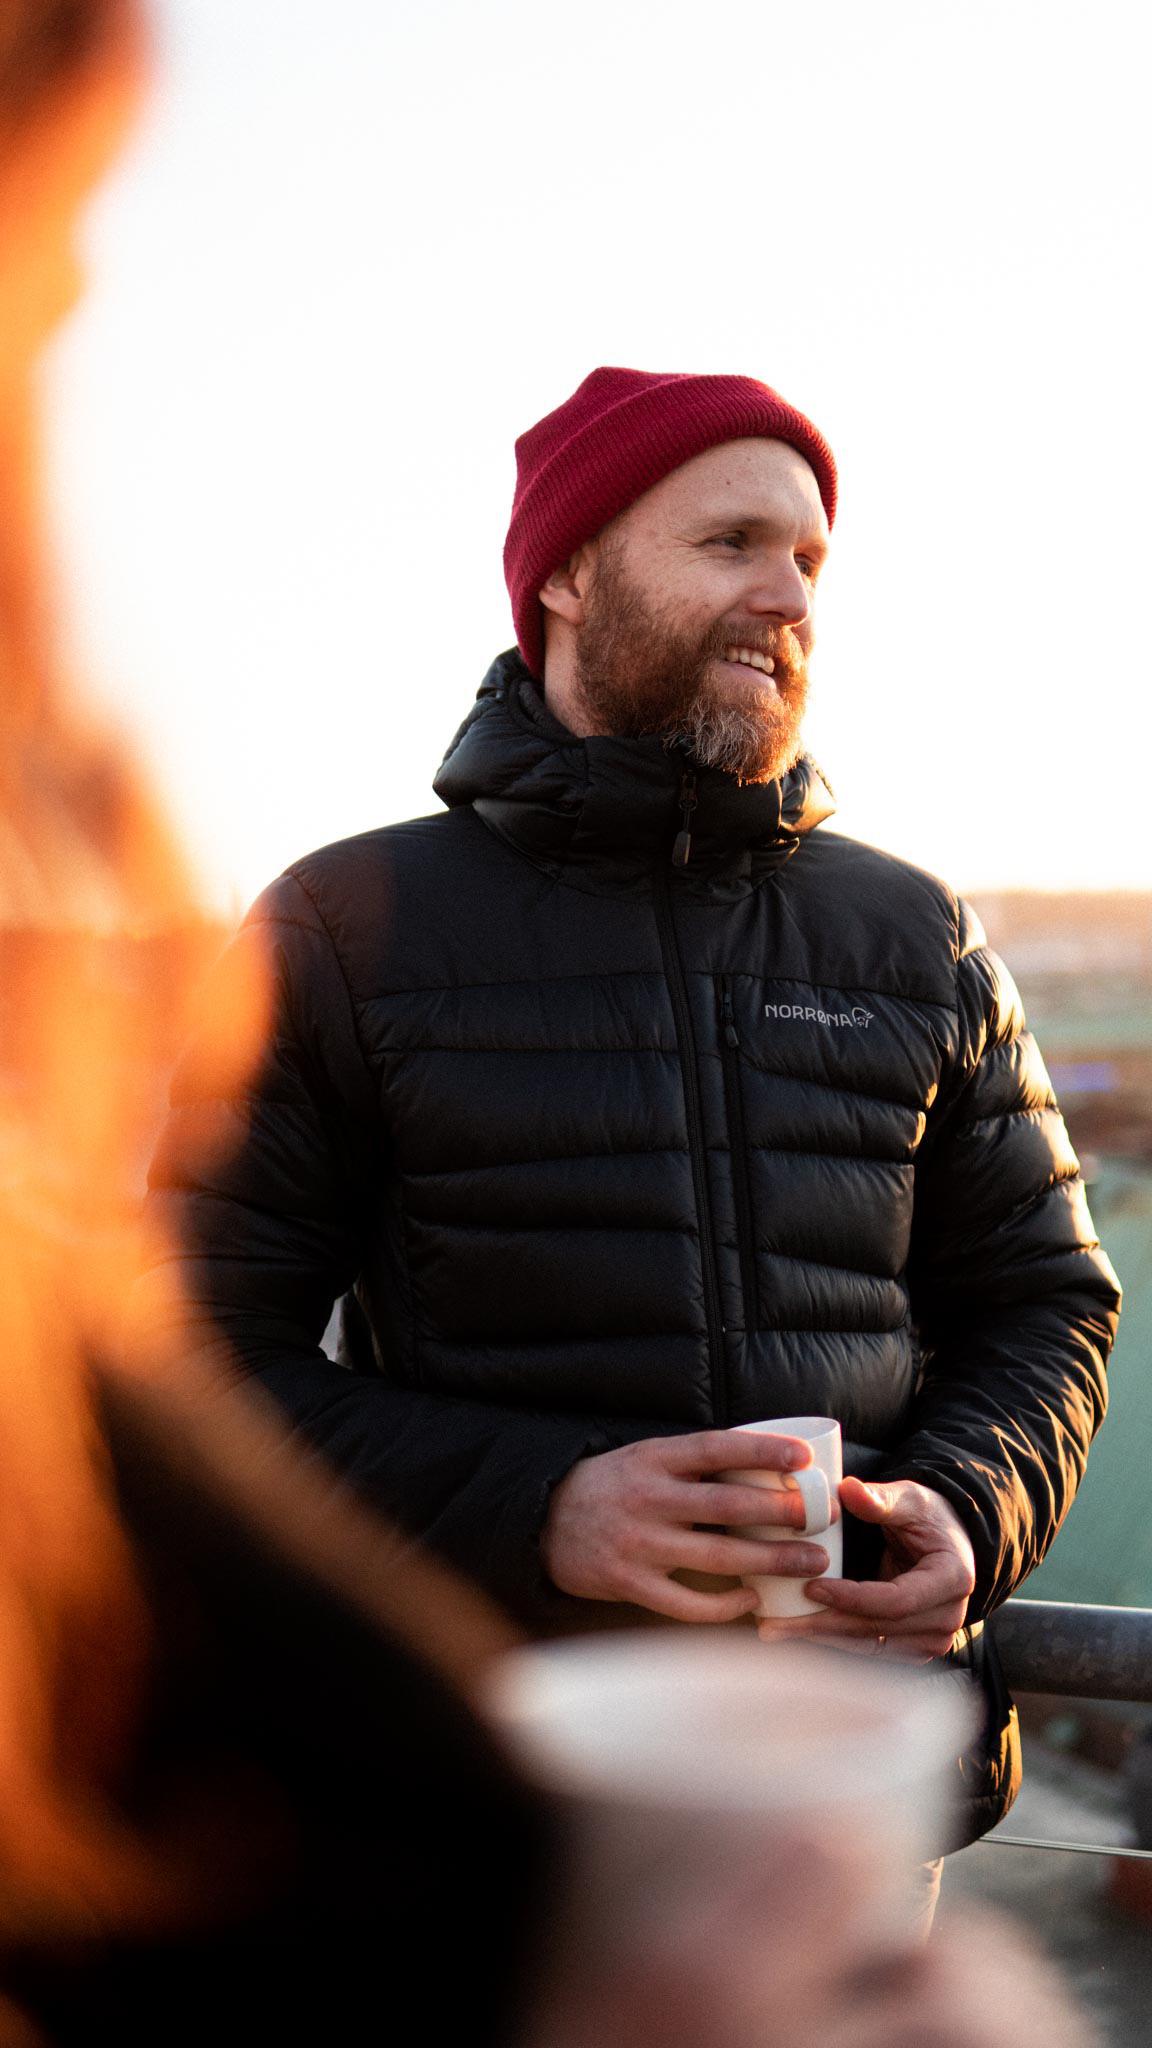 Bearded product developer Jon Moedahl is drinking coffe